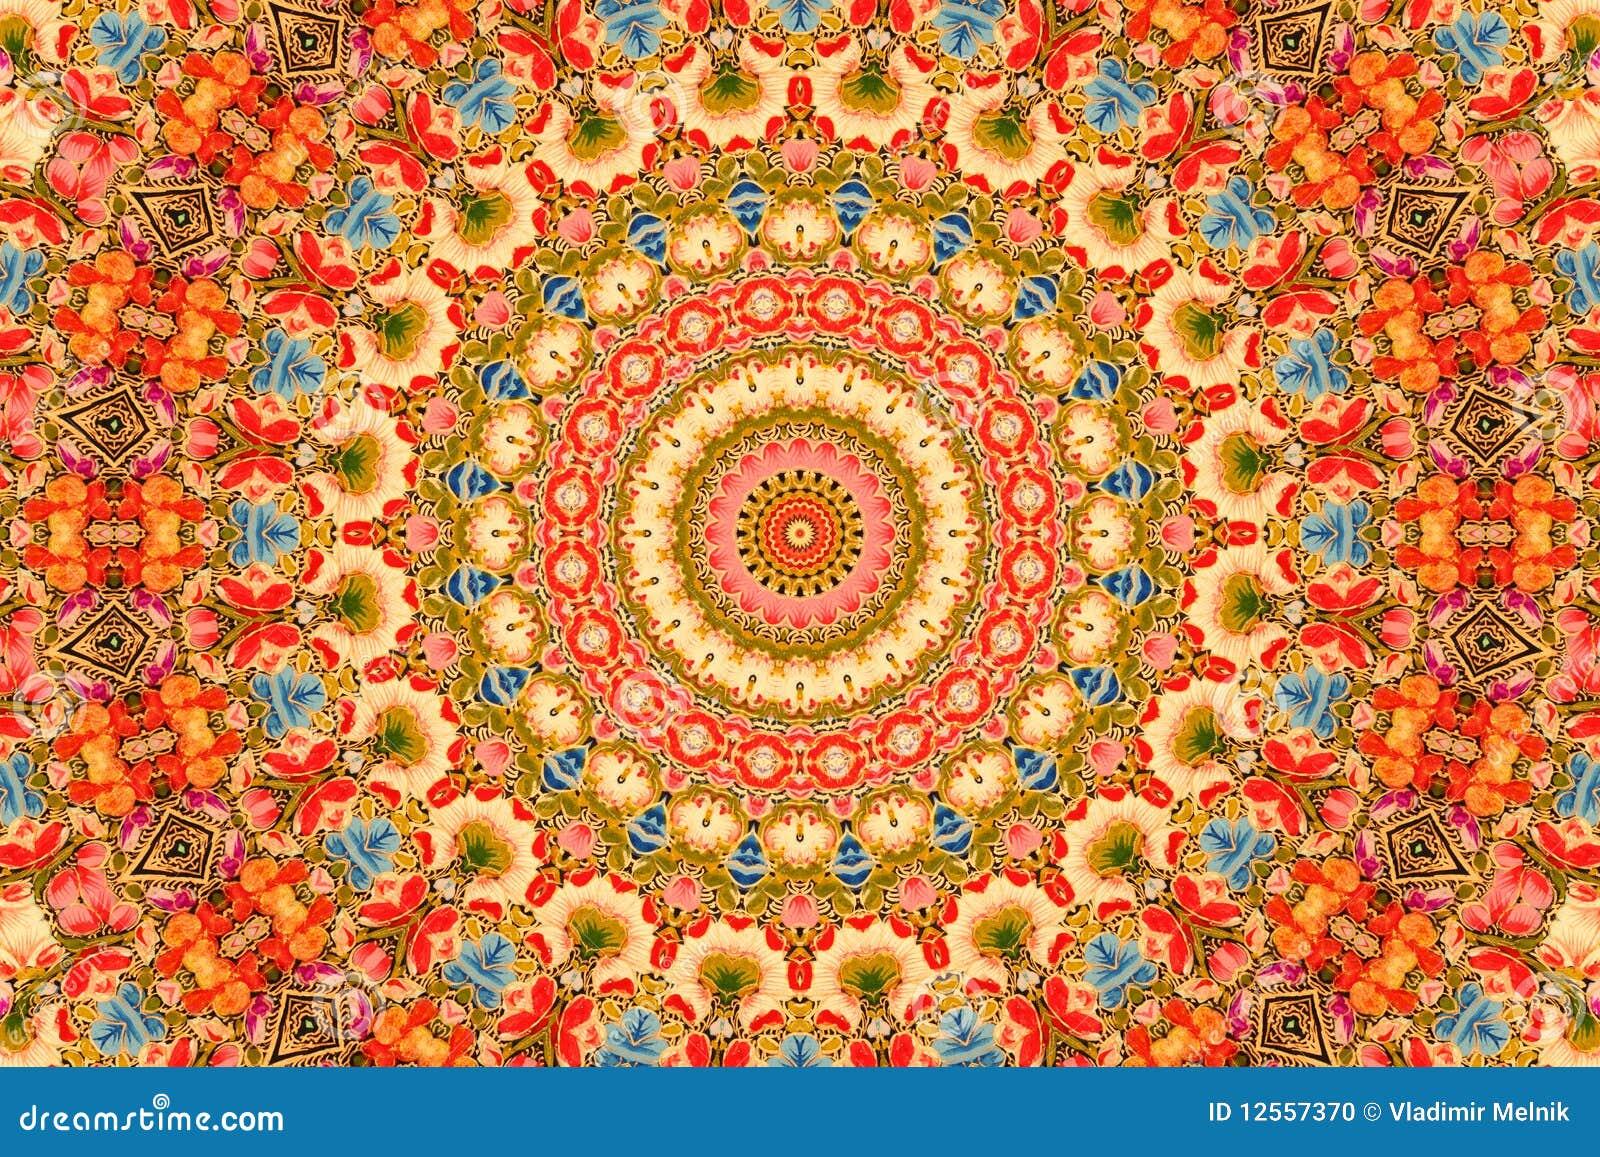 Flowers Background Kashmiri Style Stock Photo Image 12557370